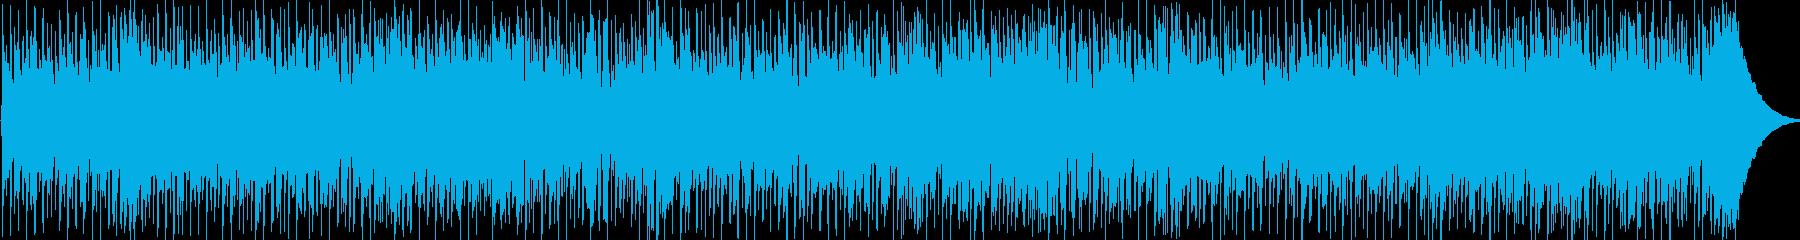 清涼感溢れるBGMの再生済みの波形